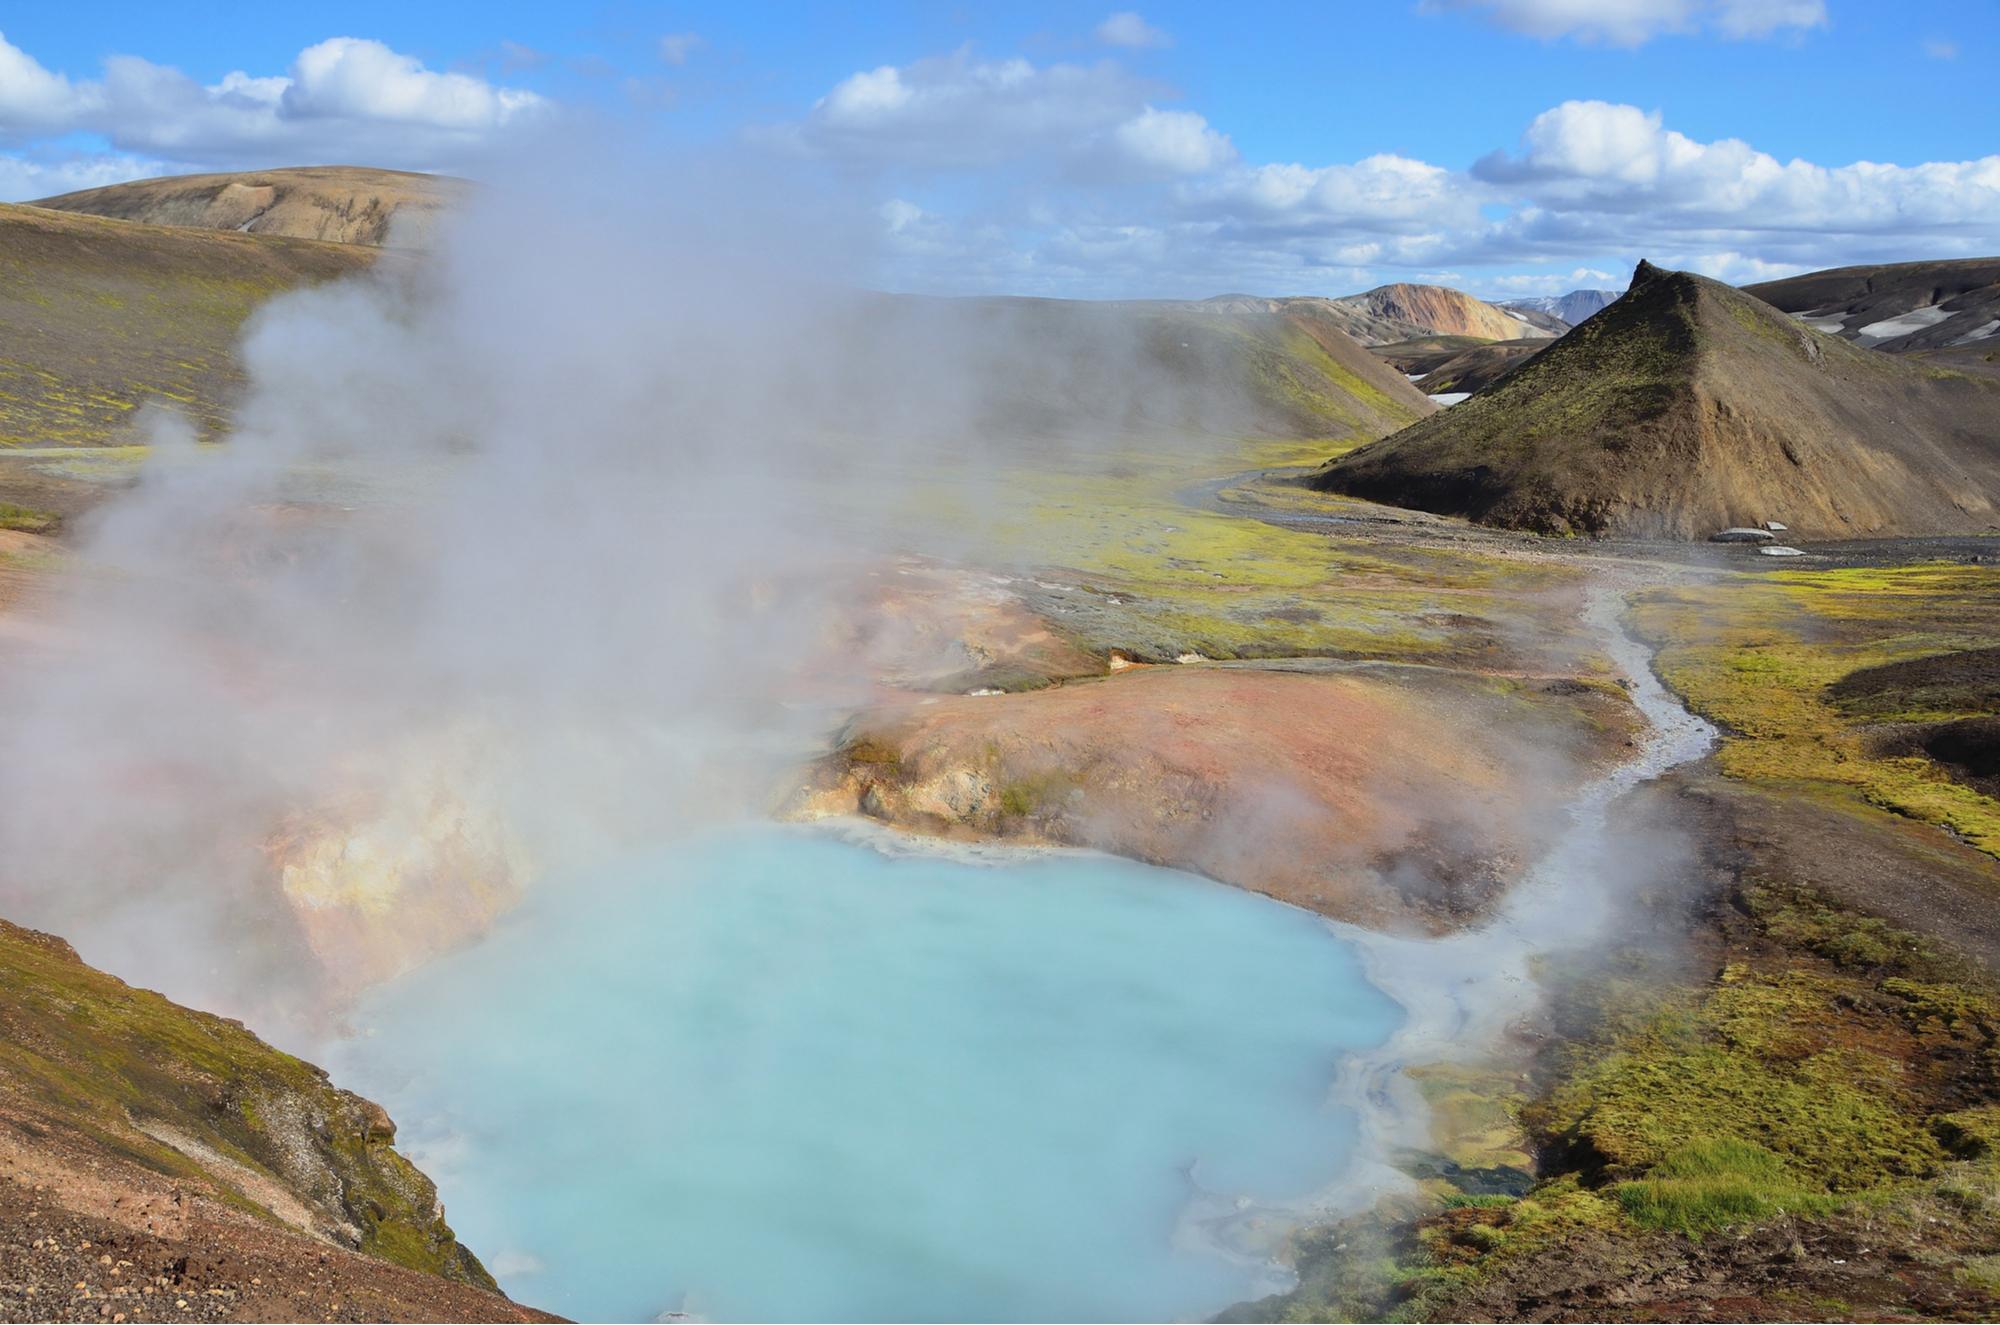 Uma fonte termal geotérmica encontrada na Islândia